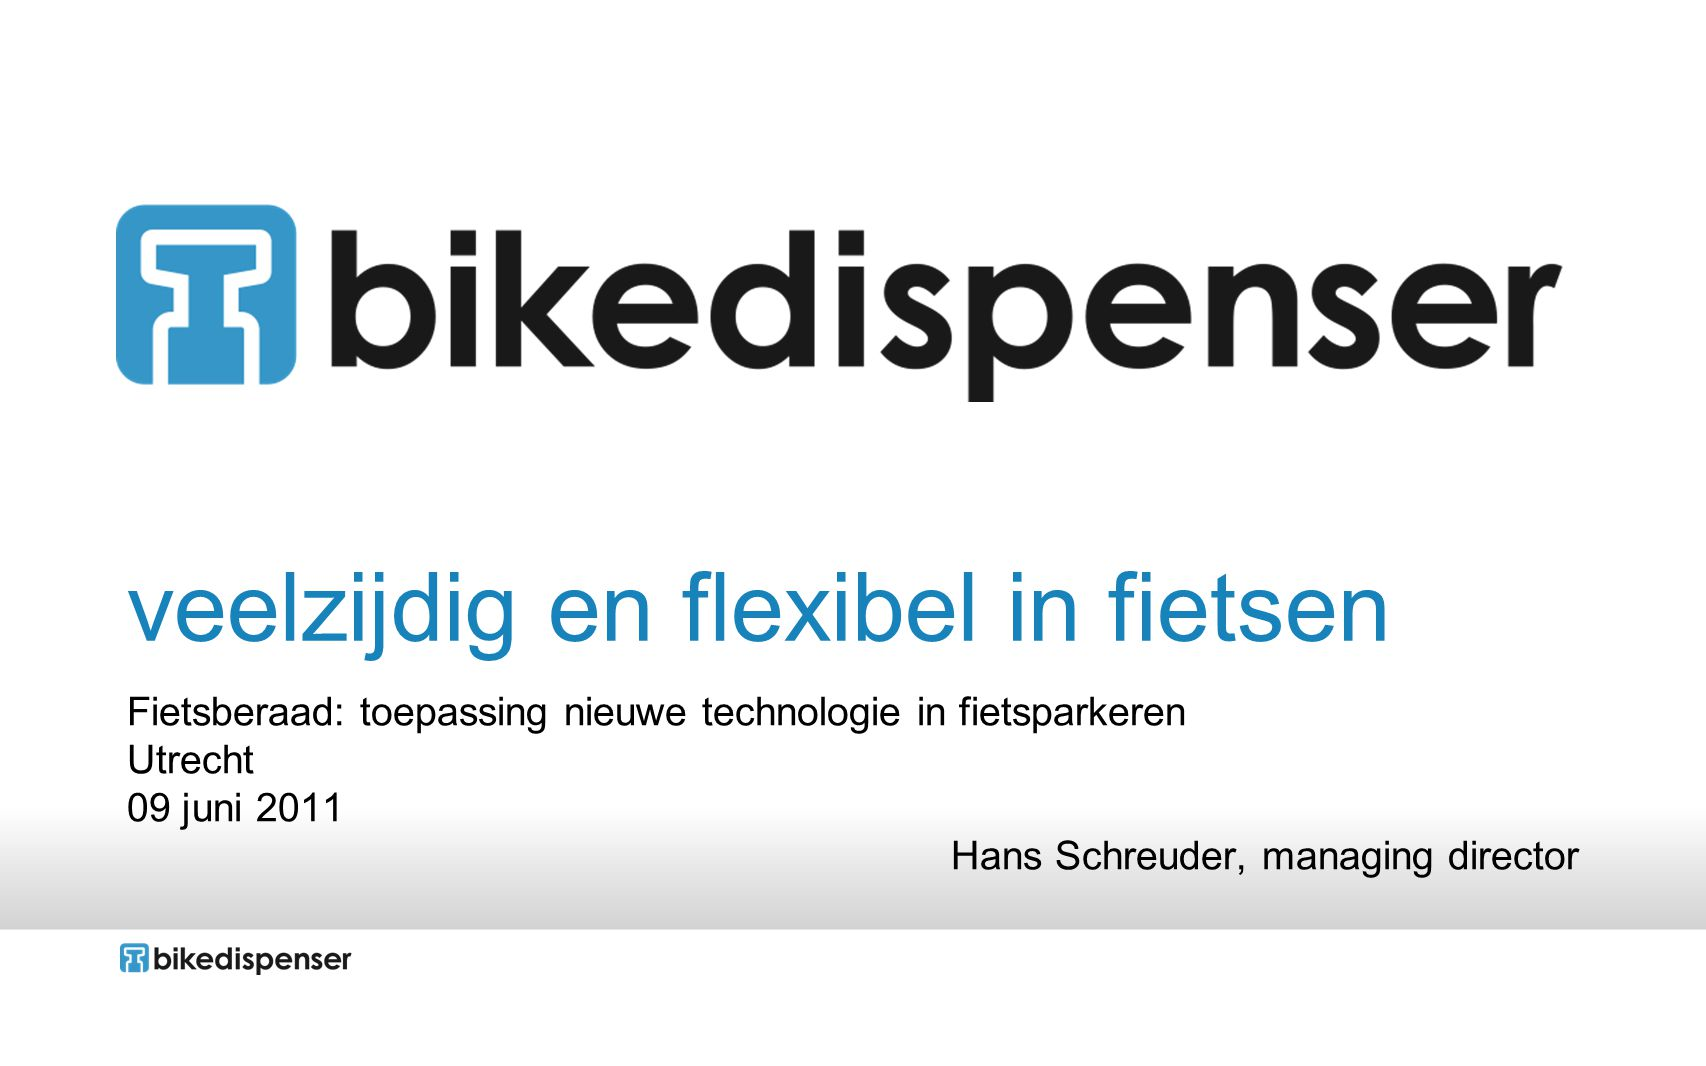 1 veelzijdig en flexibel in fietsen Fietsberaad: toepassing nieuwe technologie in fietsparkeren Utrecht 09 juni 2011 Hans Schreuder, managing director